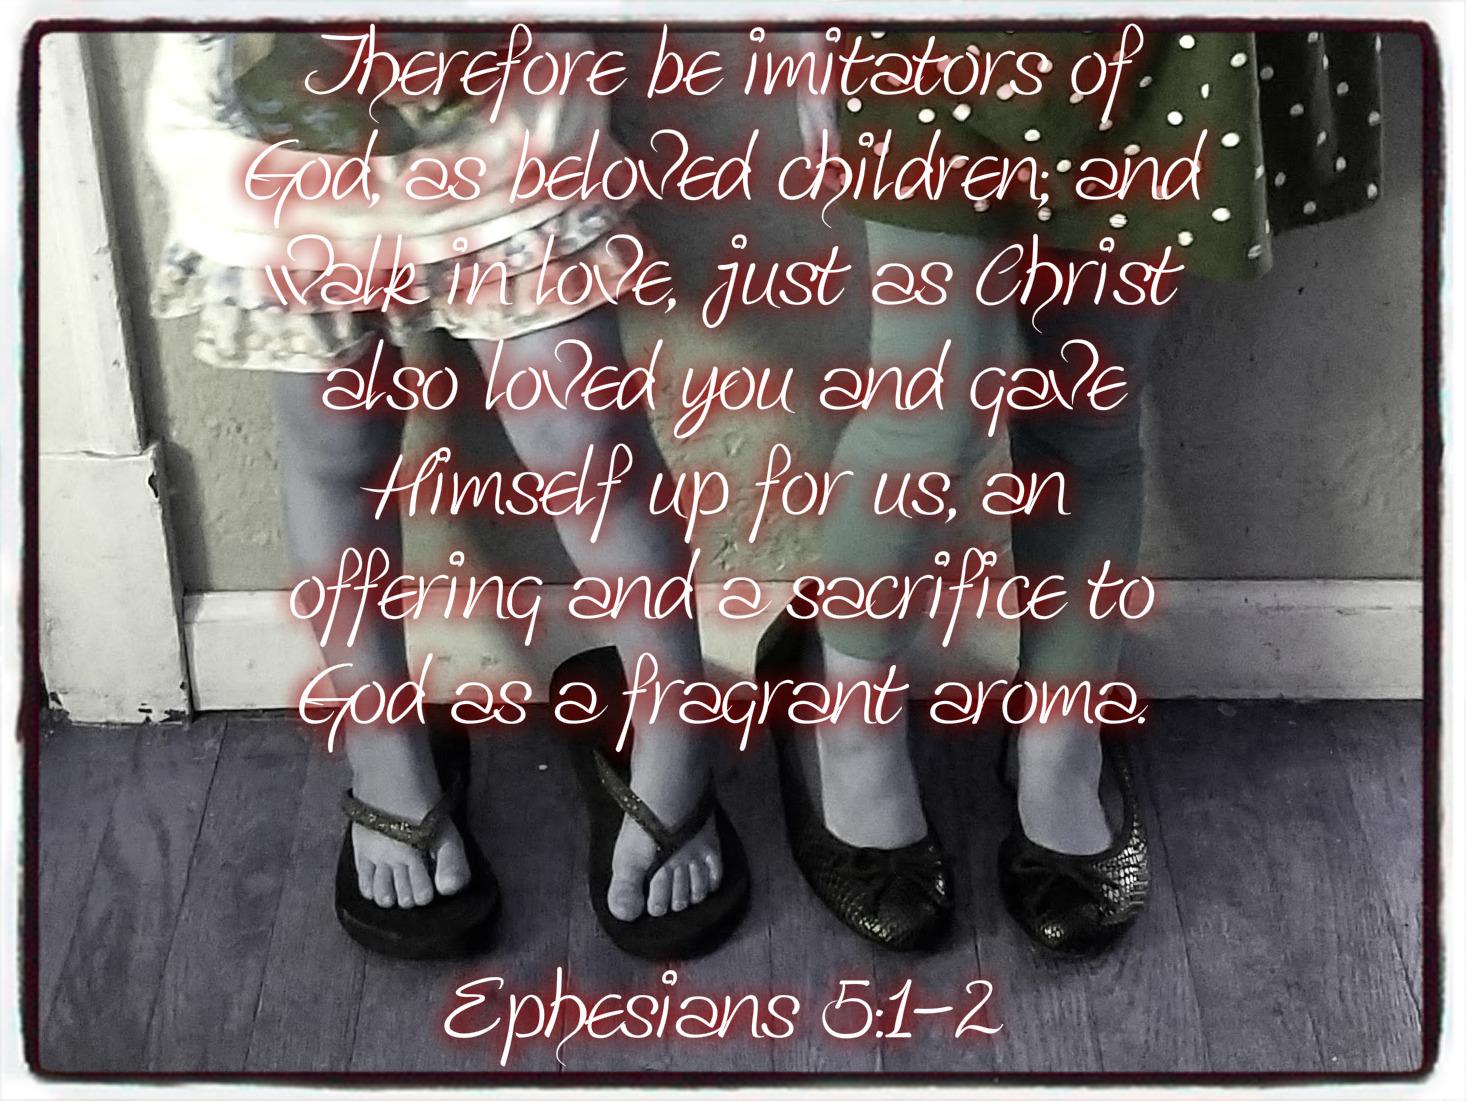 imitator of God